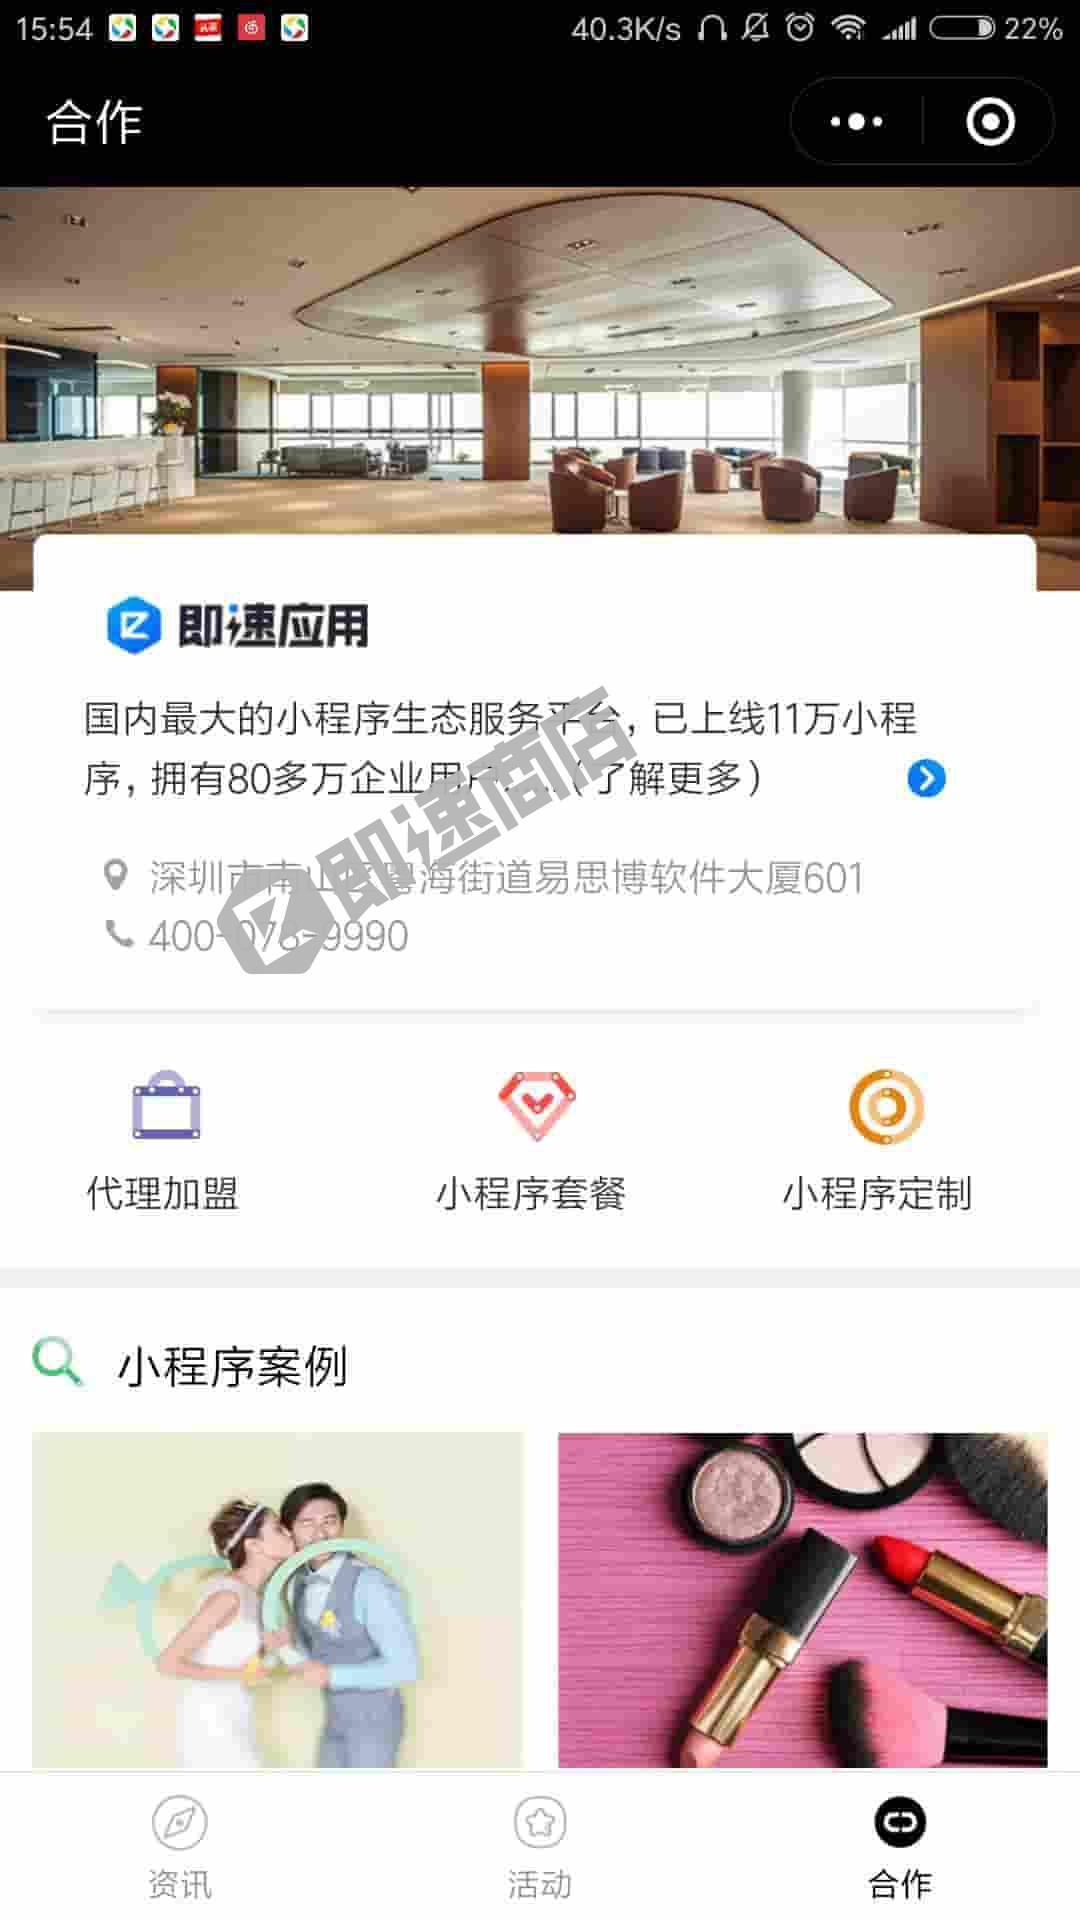 河南博物院志愿者团队讲解预约小程序首页截图